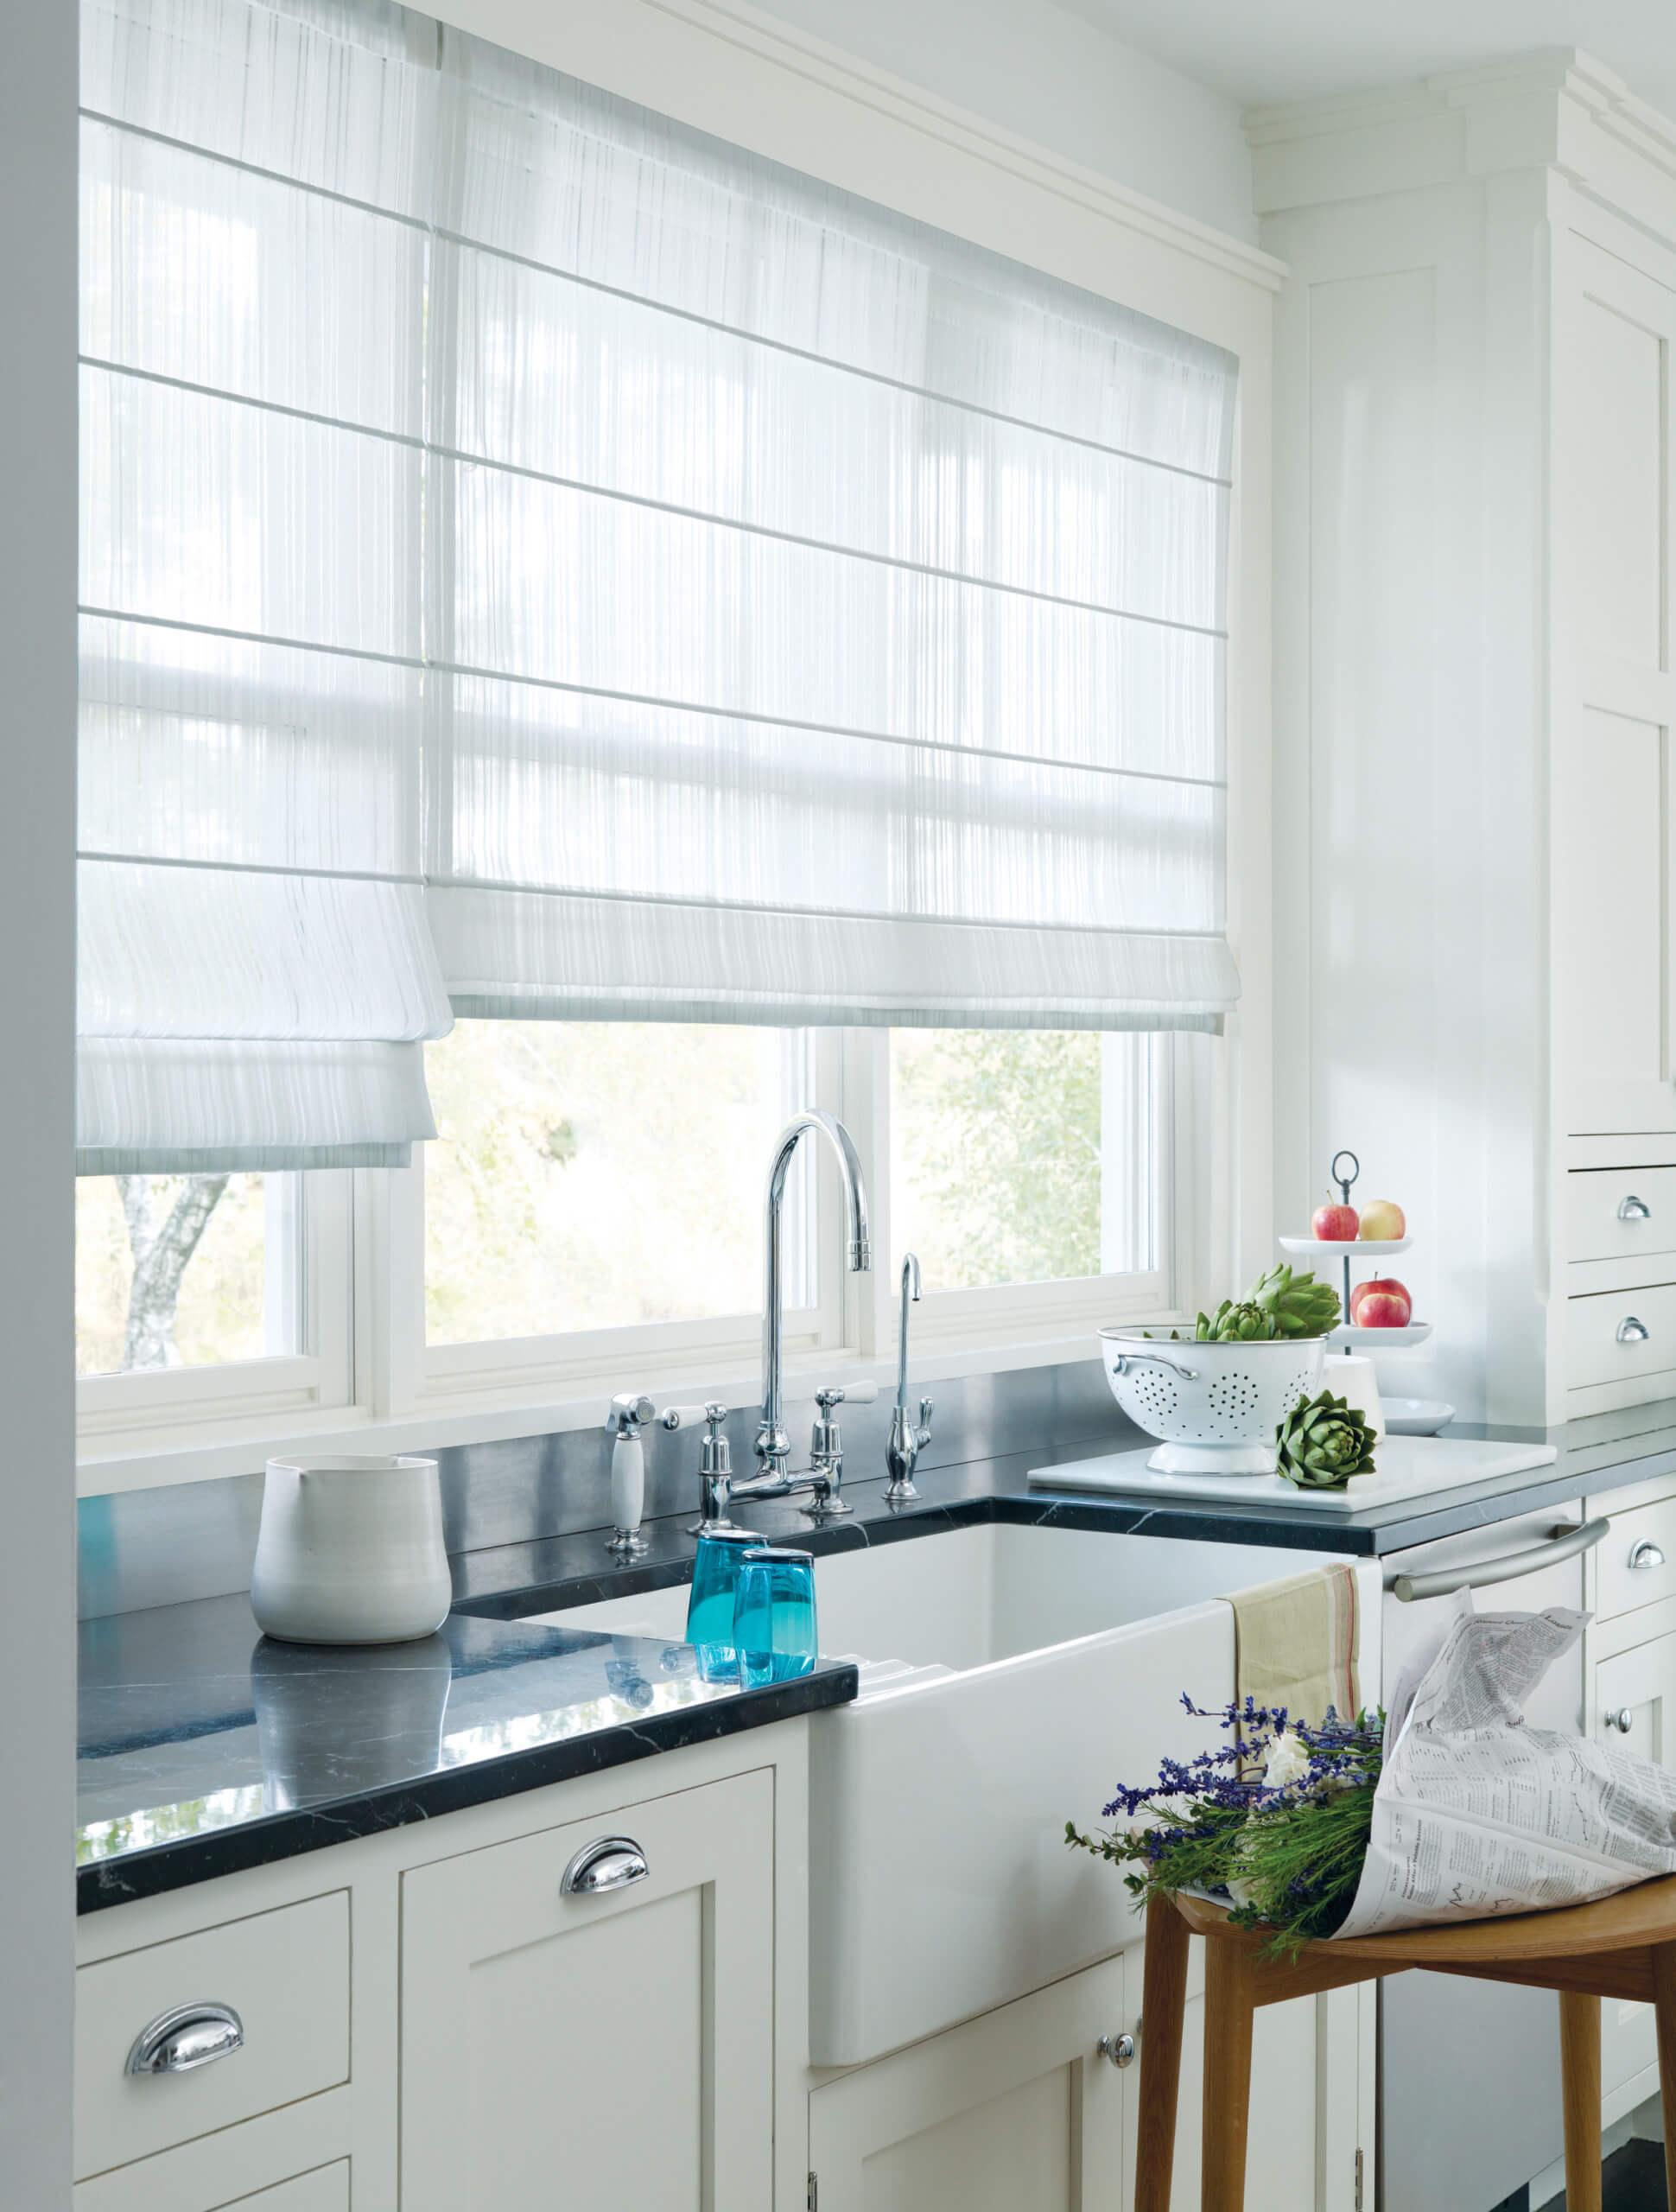 2. Linen Roman blinds